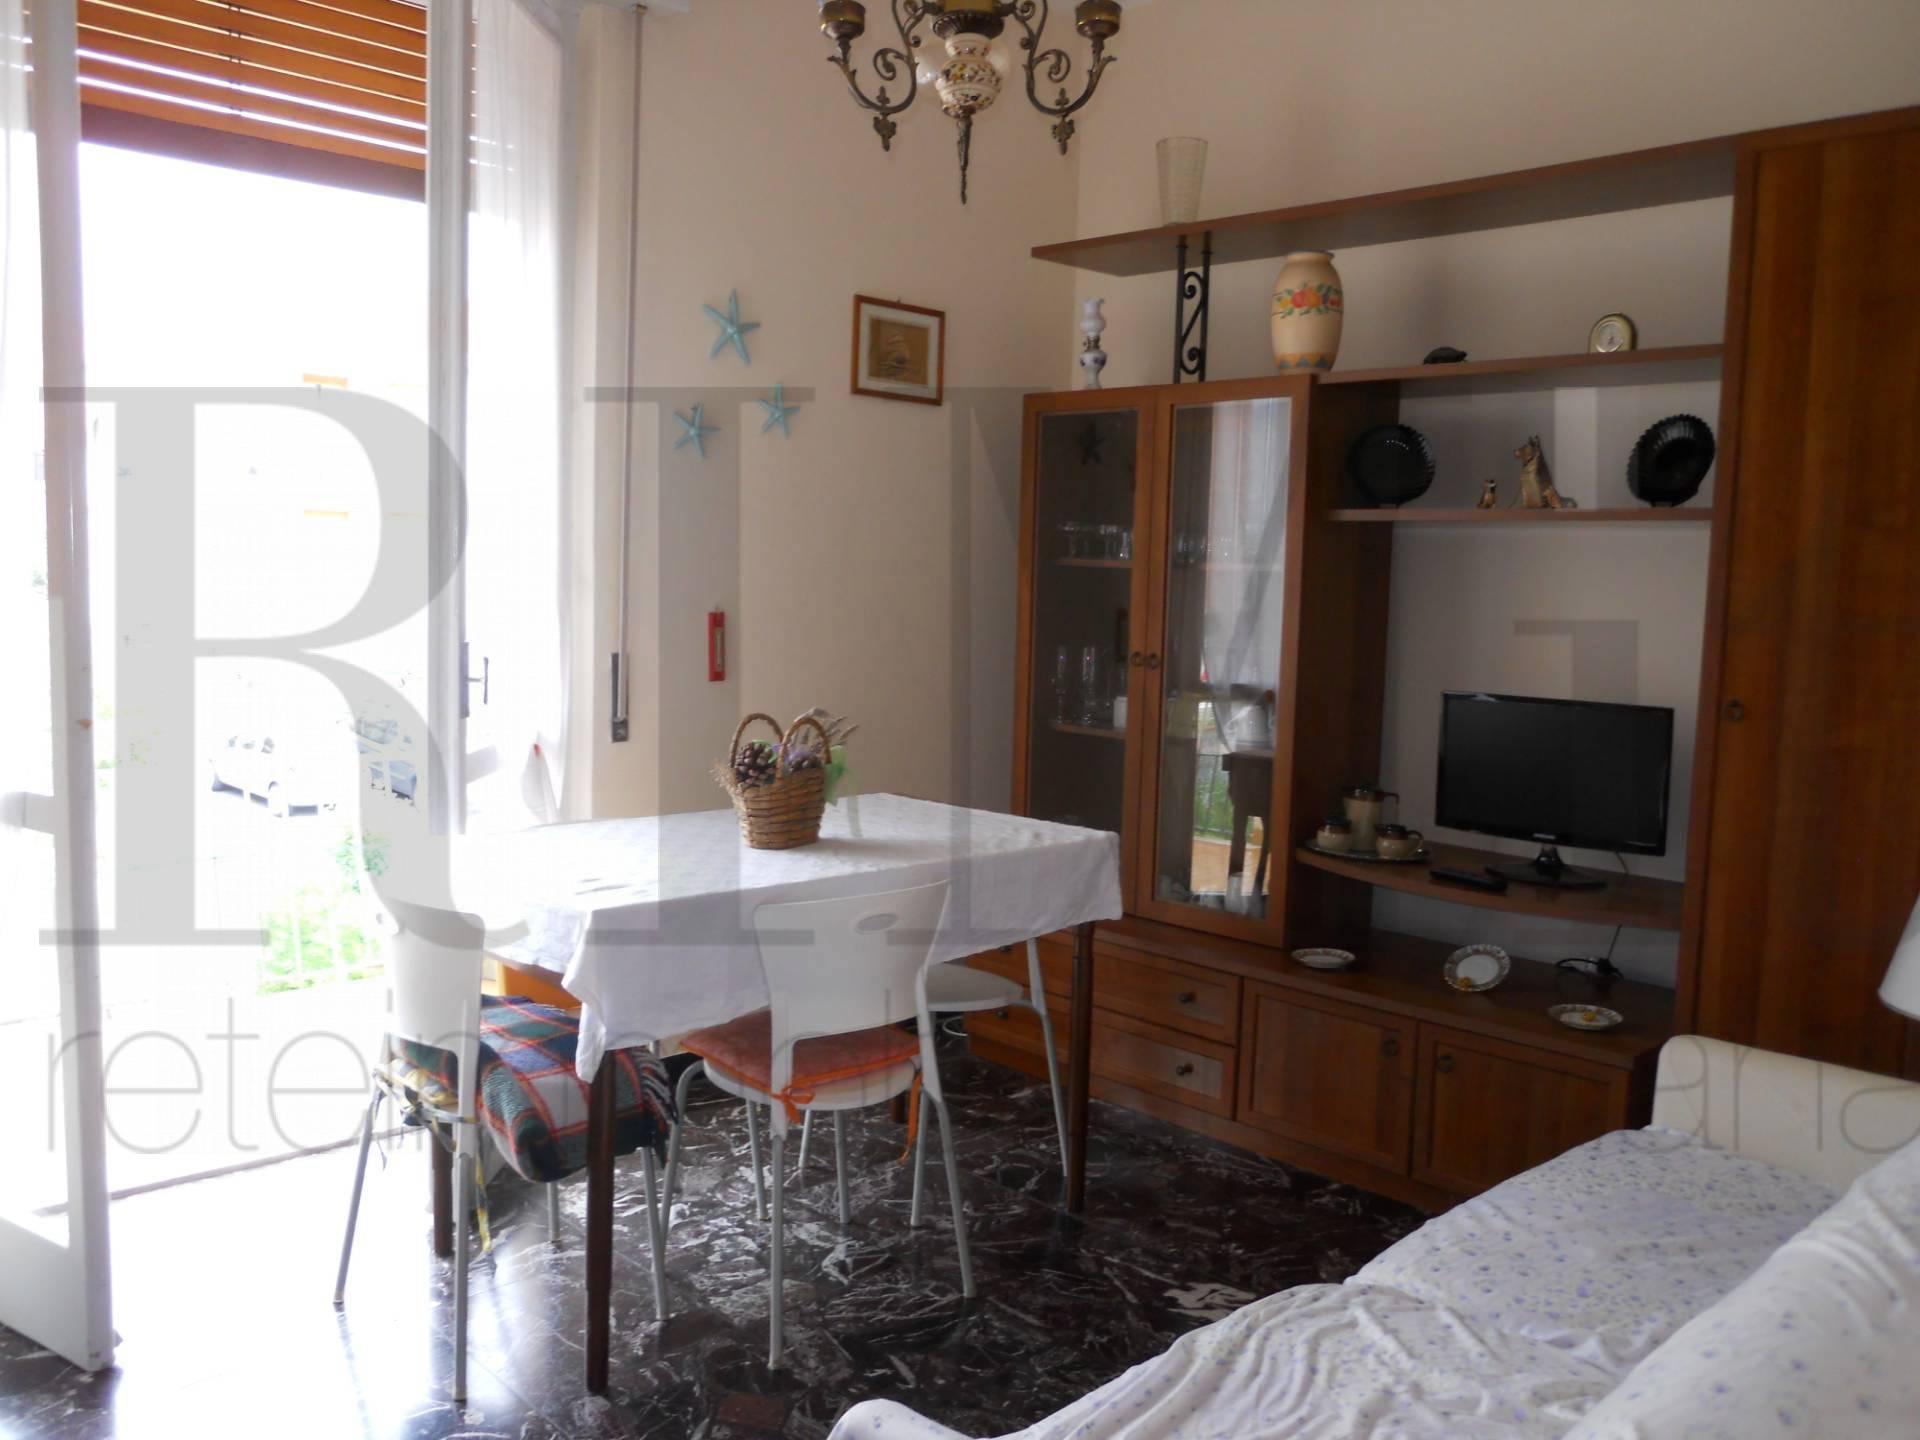 Appartamento in vendita a Loano, 3 locali, prezzo € 215.000 | CambioCasa.it